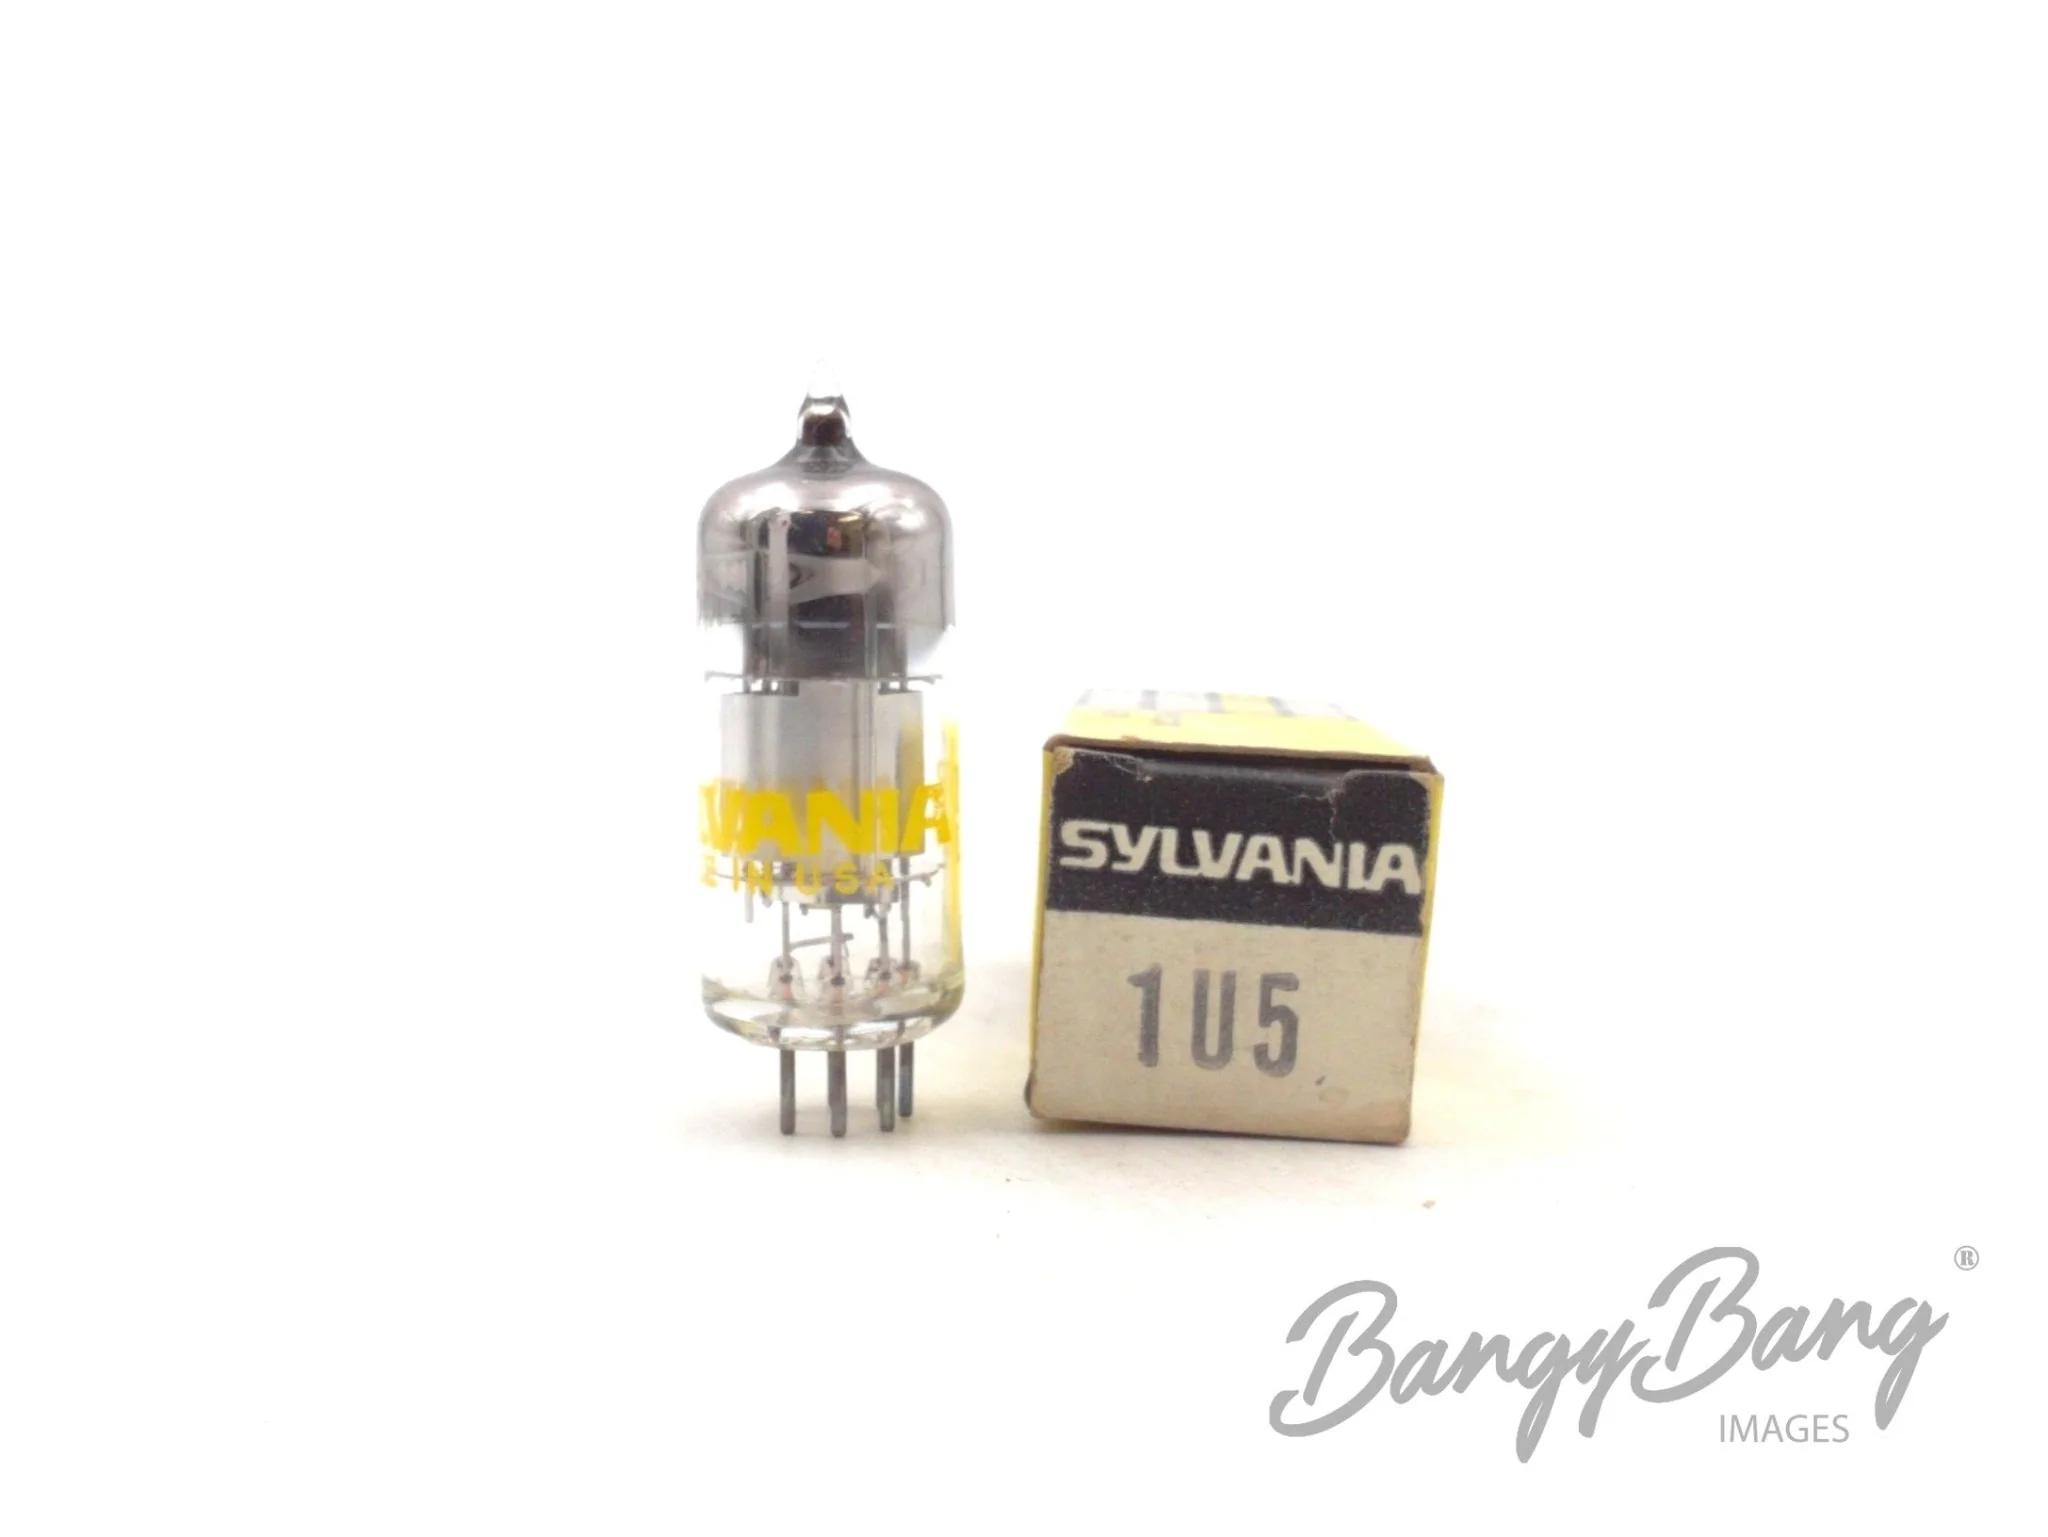 BangyBang Tubes 2 Vintage RCA 1U5//DAF92 Diode Pentode Portable Radio Valve